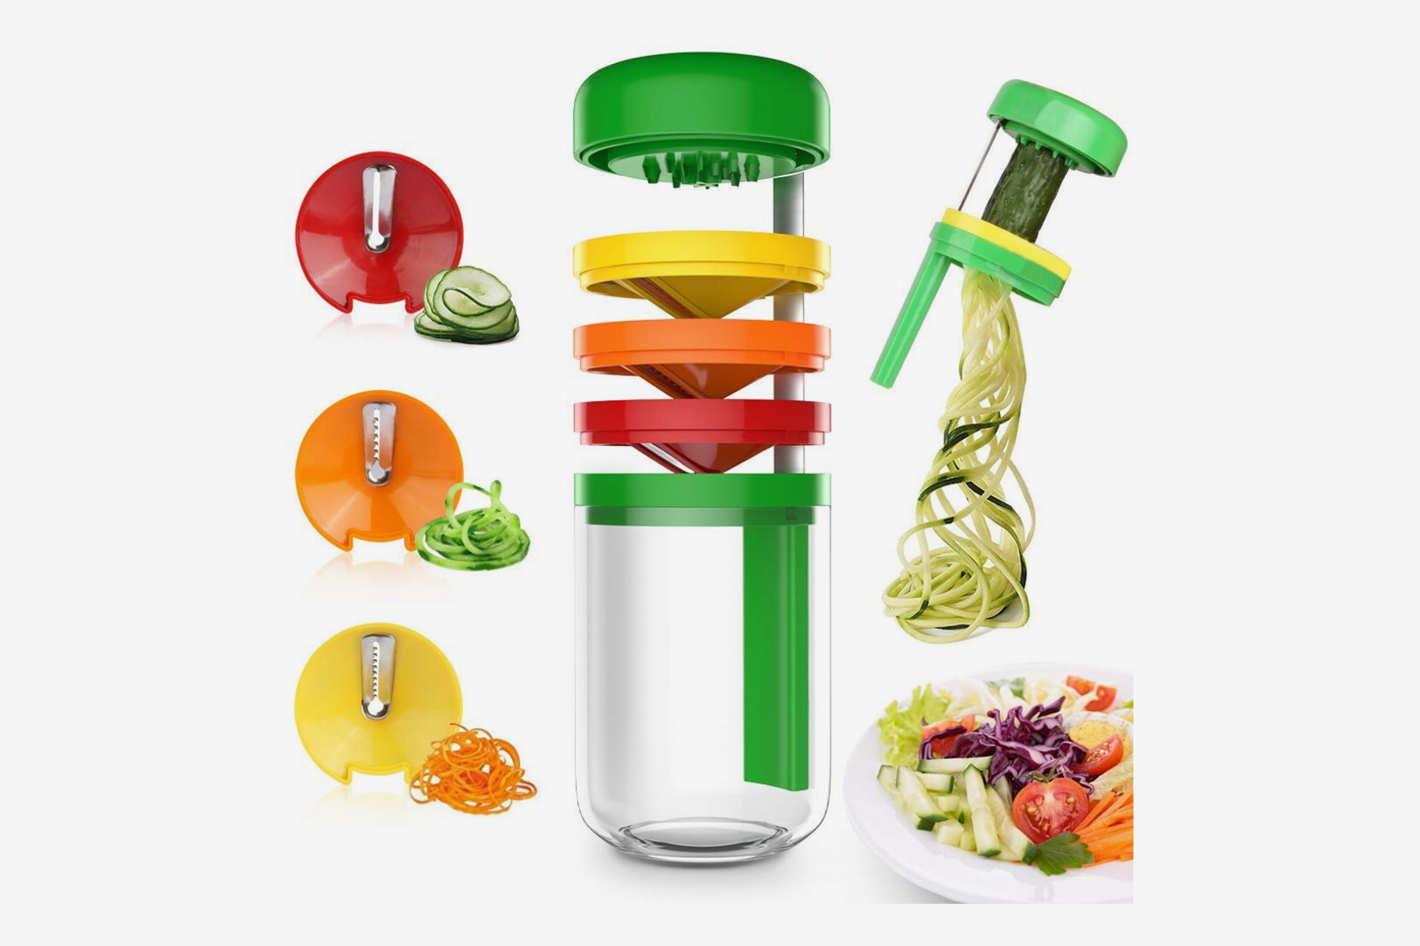 Handheld Spiral Slicer Vegetable Spiralizer